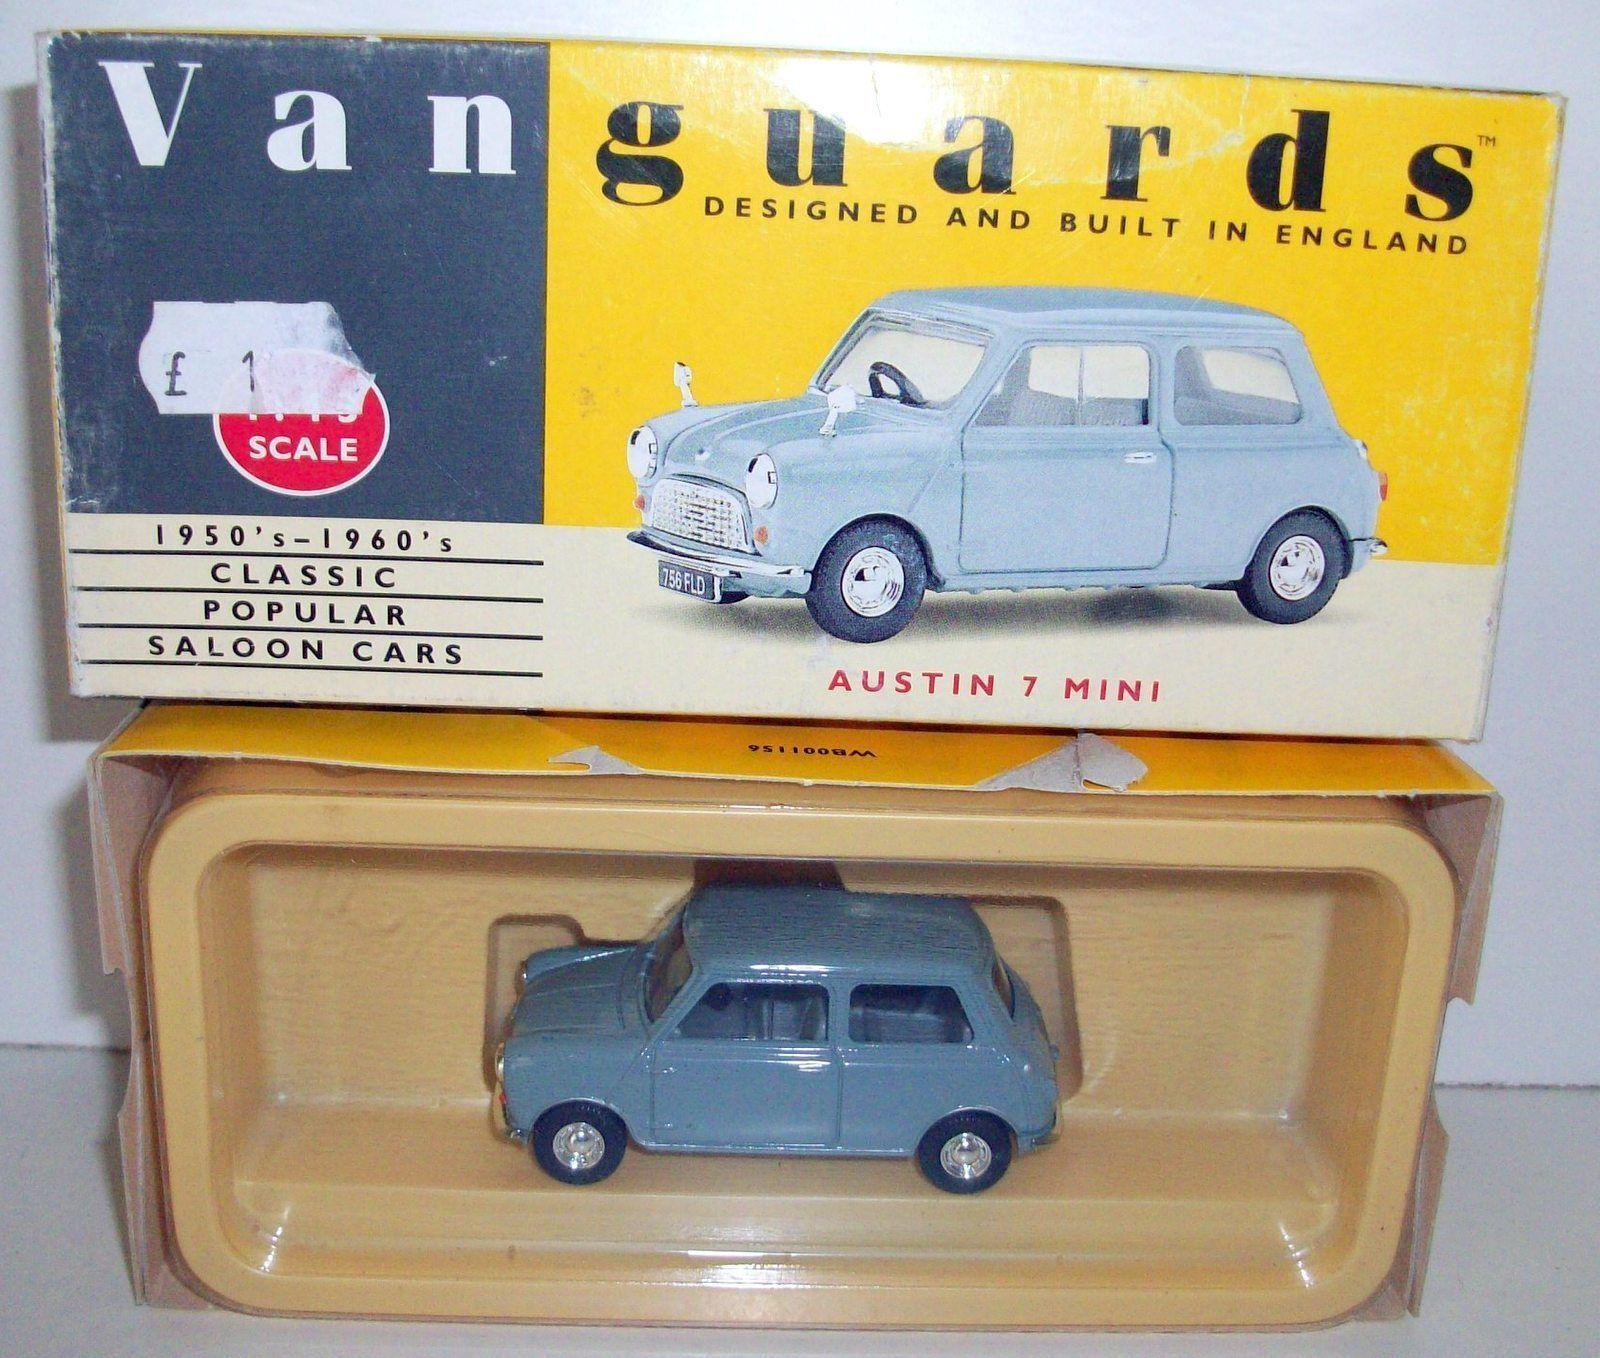 VANGUARDS 1/43 VA13003 GREY MINI | eBay | Corgi Vanguards Car Models ...